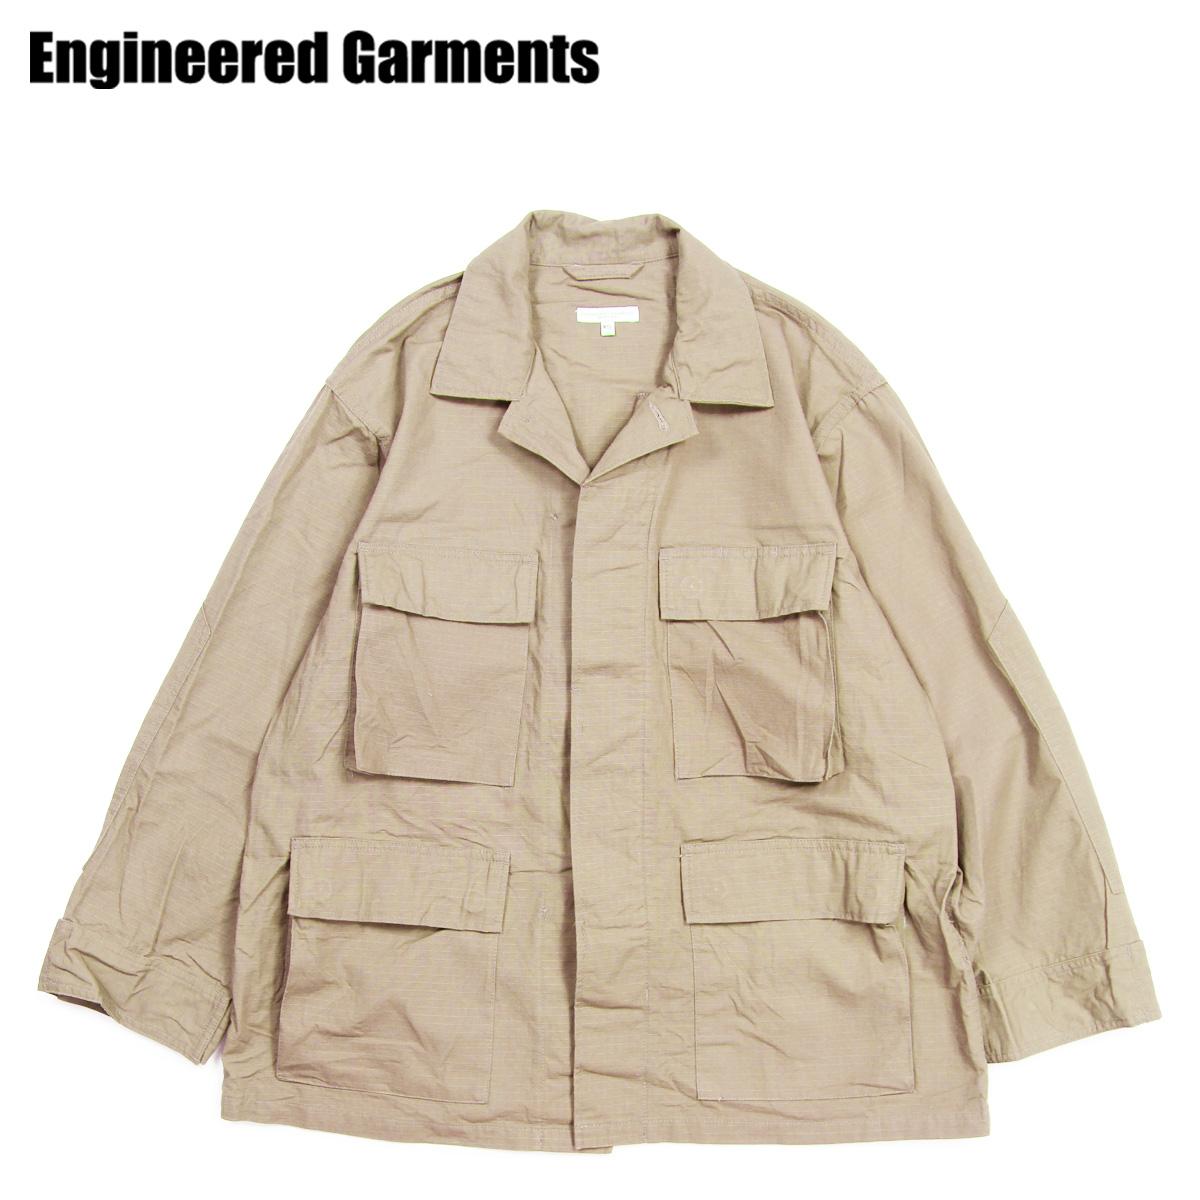 【最大2000円OFFクーポン】 【訳あり】 エンジニアドガーメンツ ENGINEERED GARMENTS ジャケット ミリタリージャケット メンズ BDU JACKET カーキ 19SD002 【返品不可】